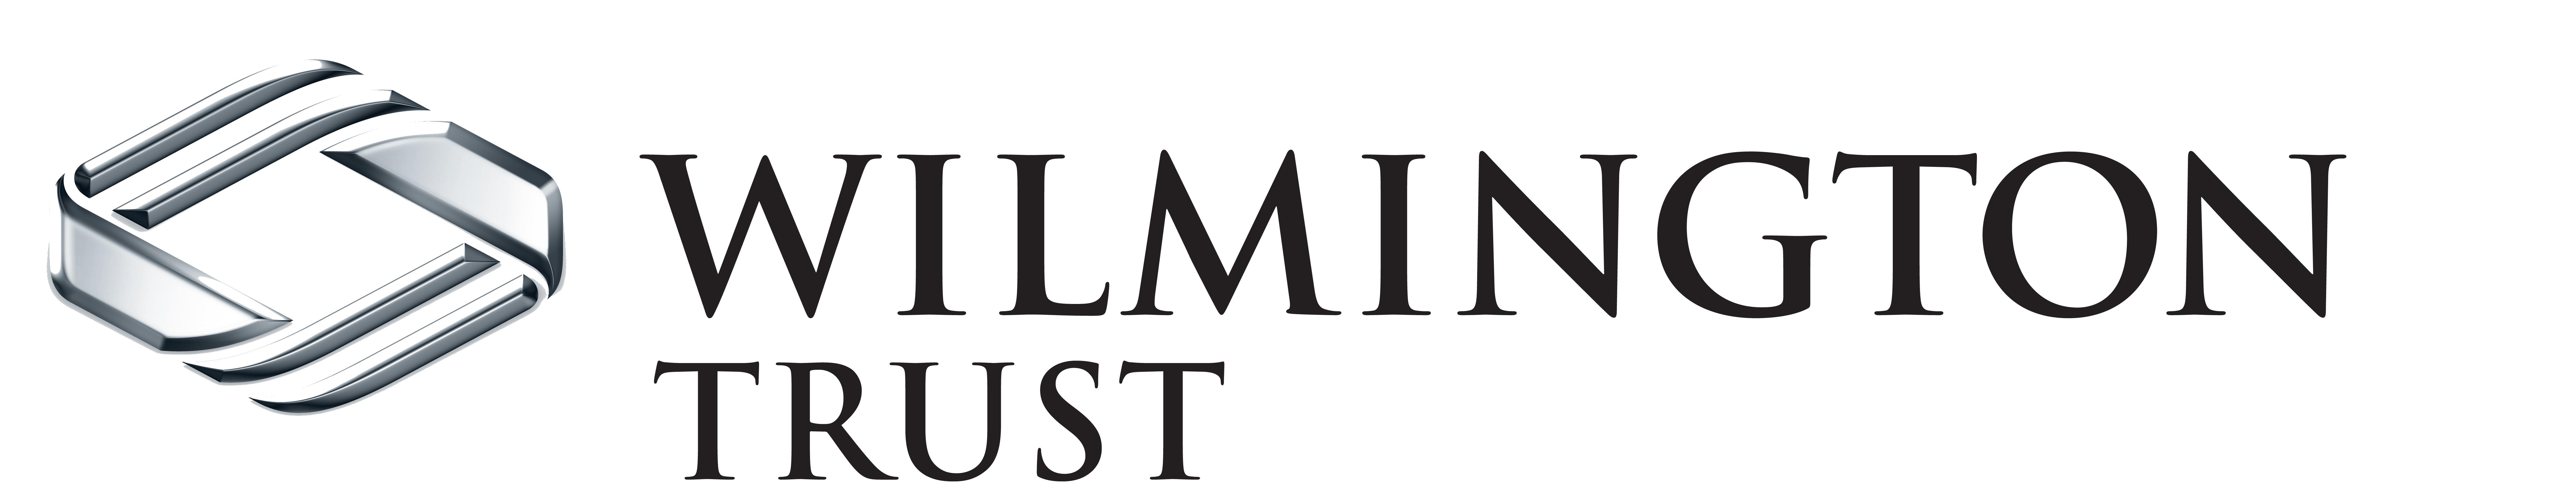 Wilmington Trust Dimensional _7543 transparent